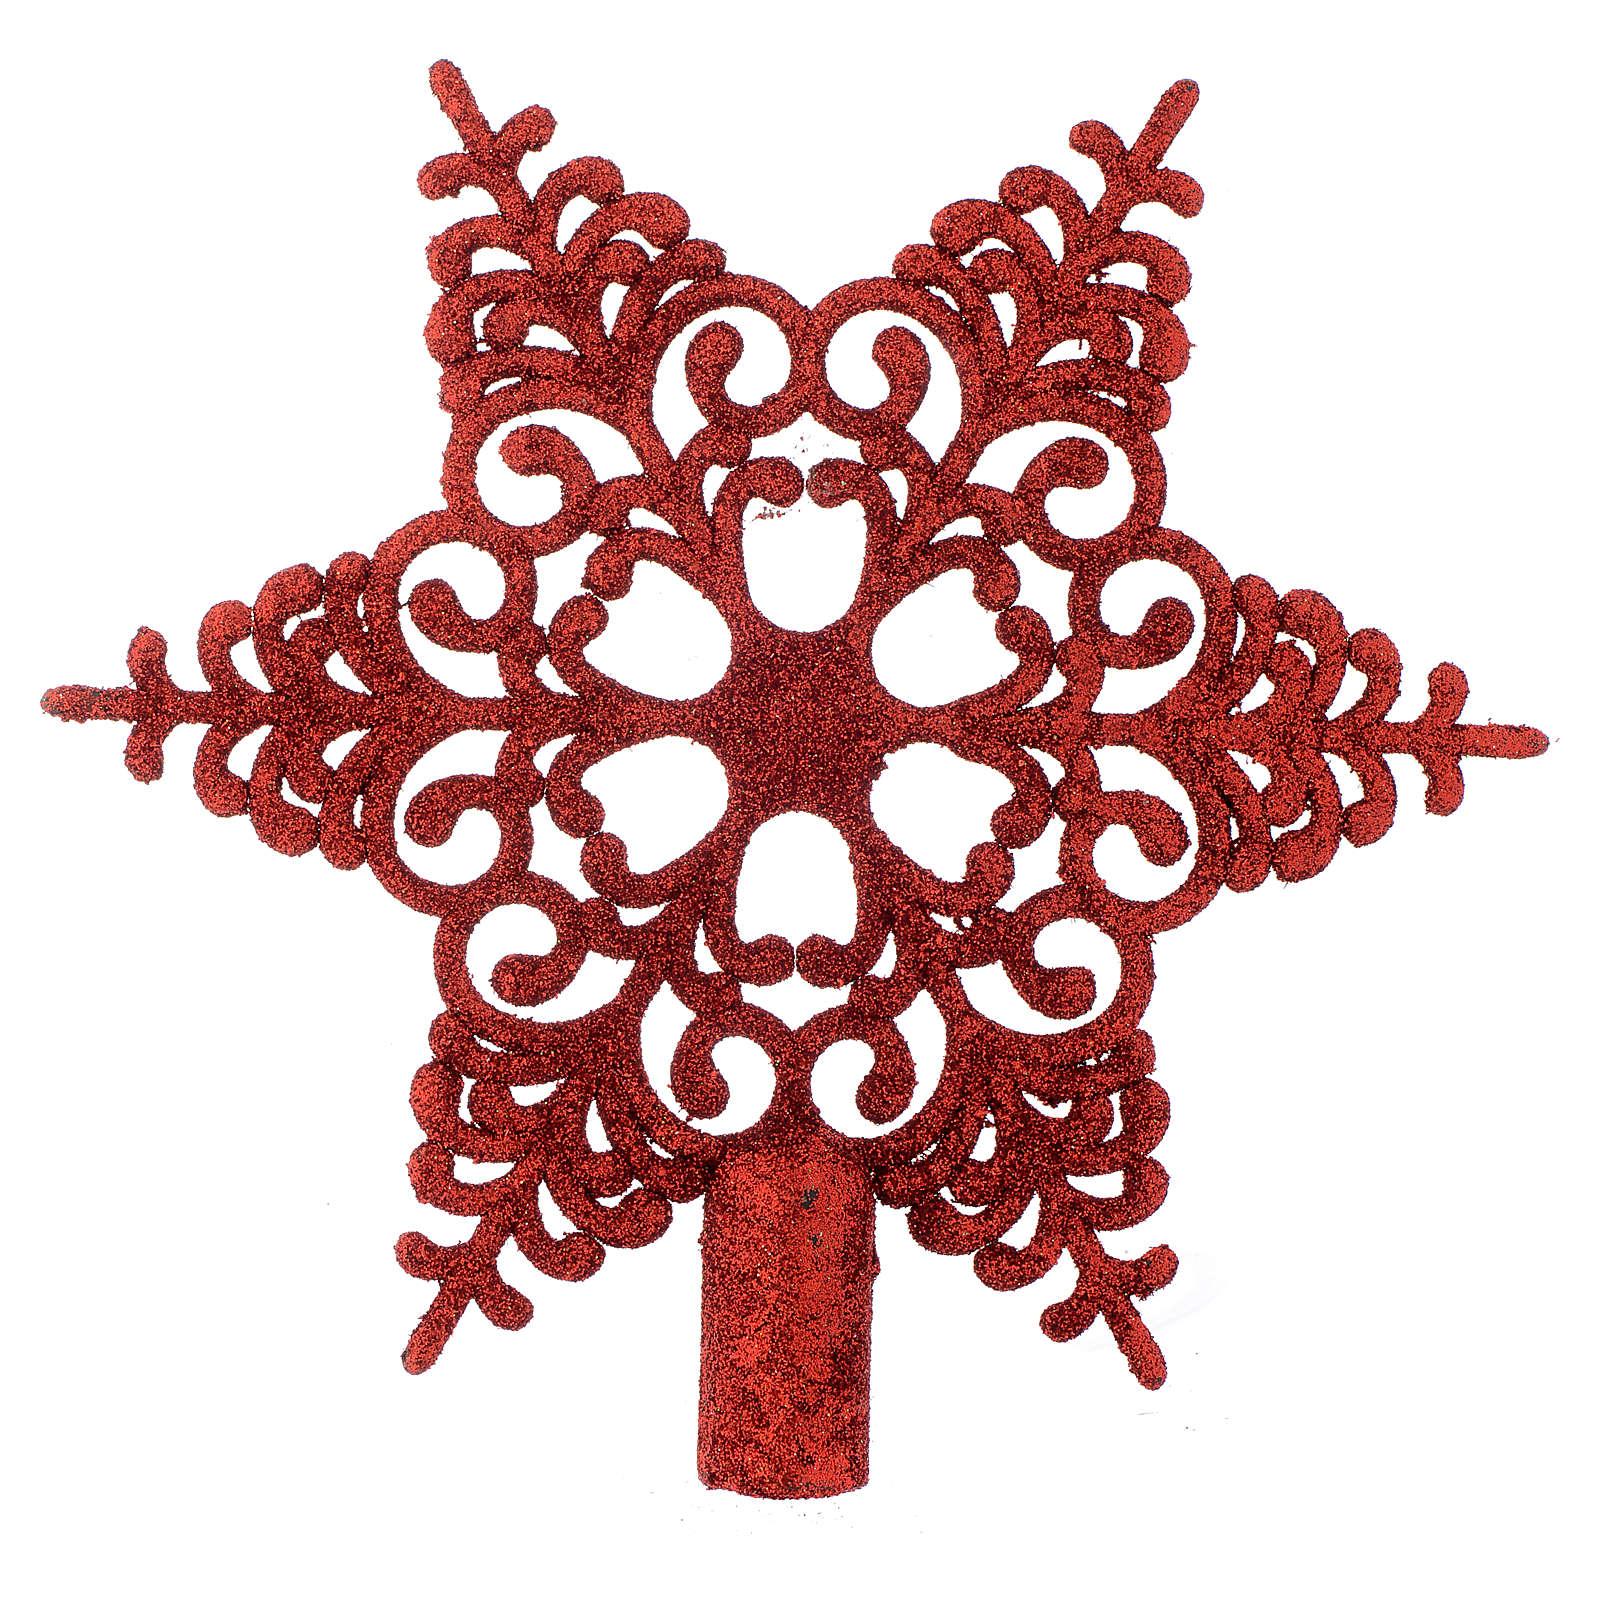 Cimier Sapin Noël flocon de neige rouge 4